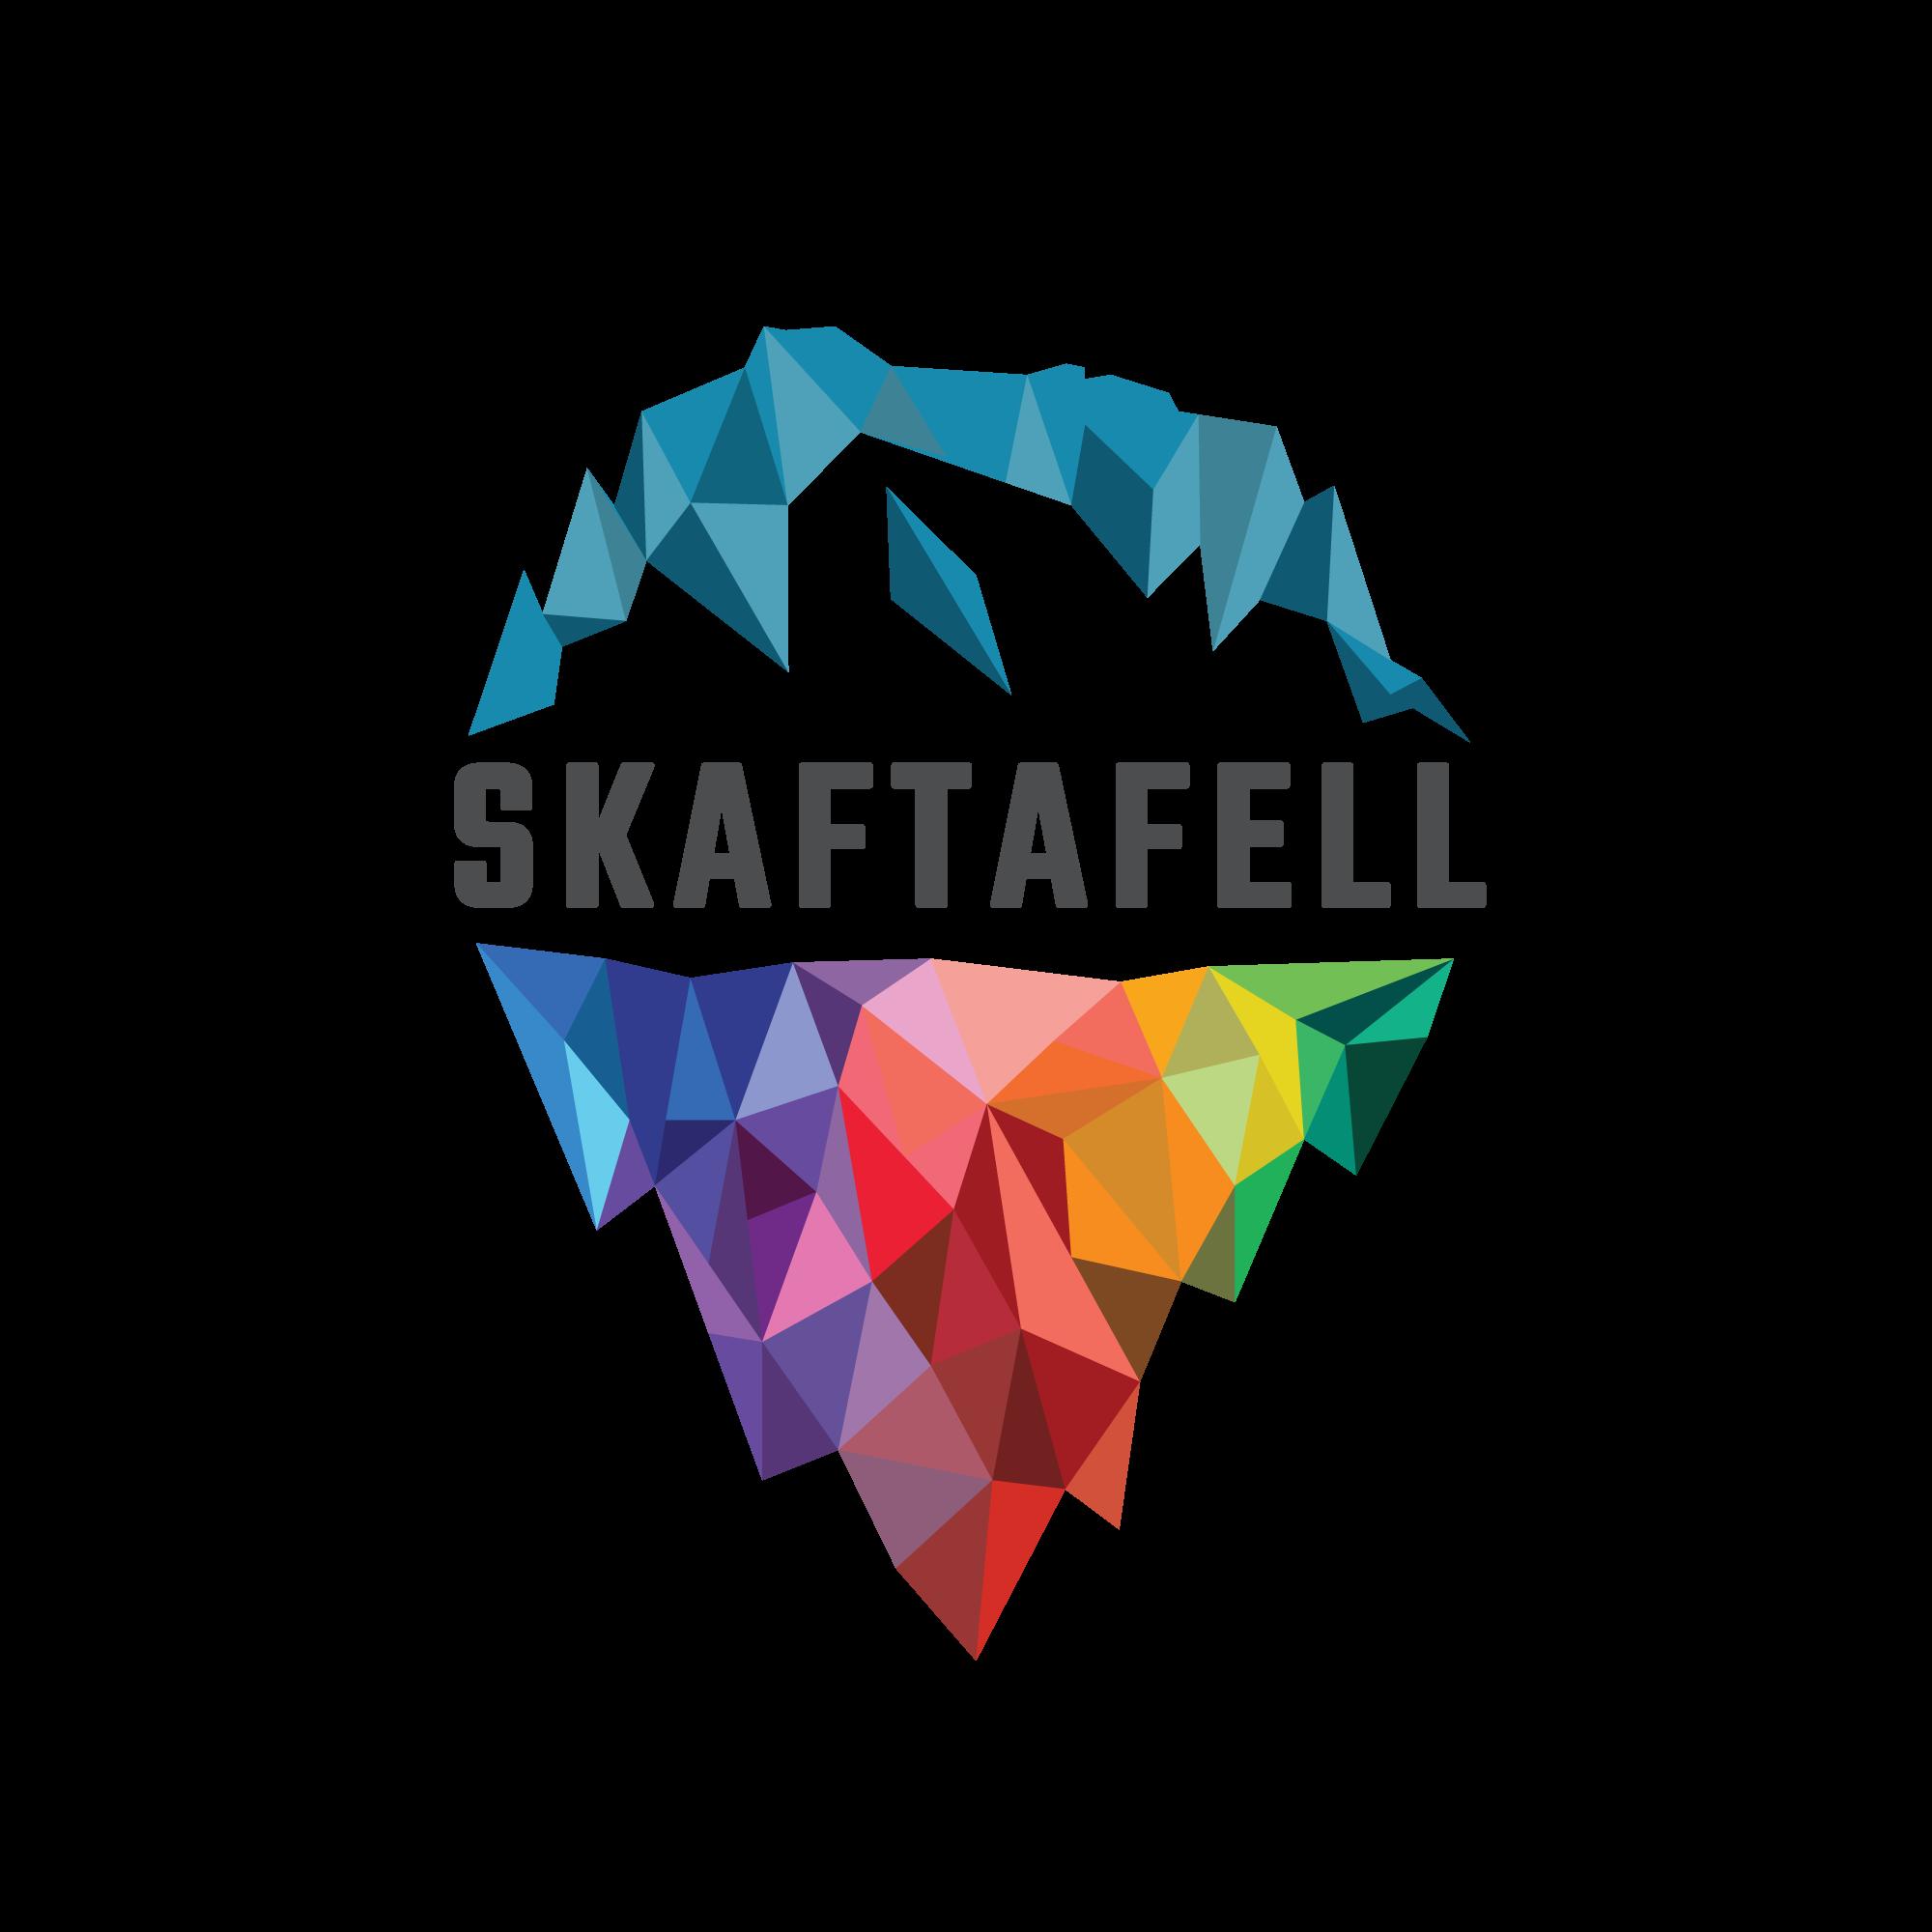 Skaftafell.com